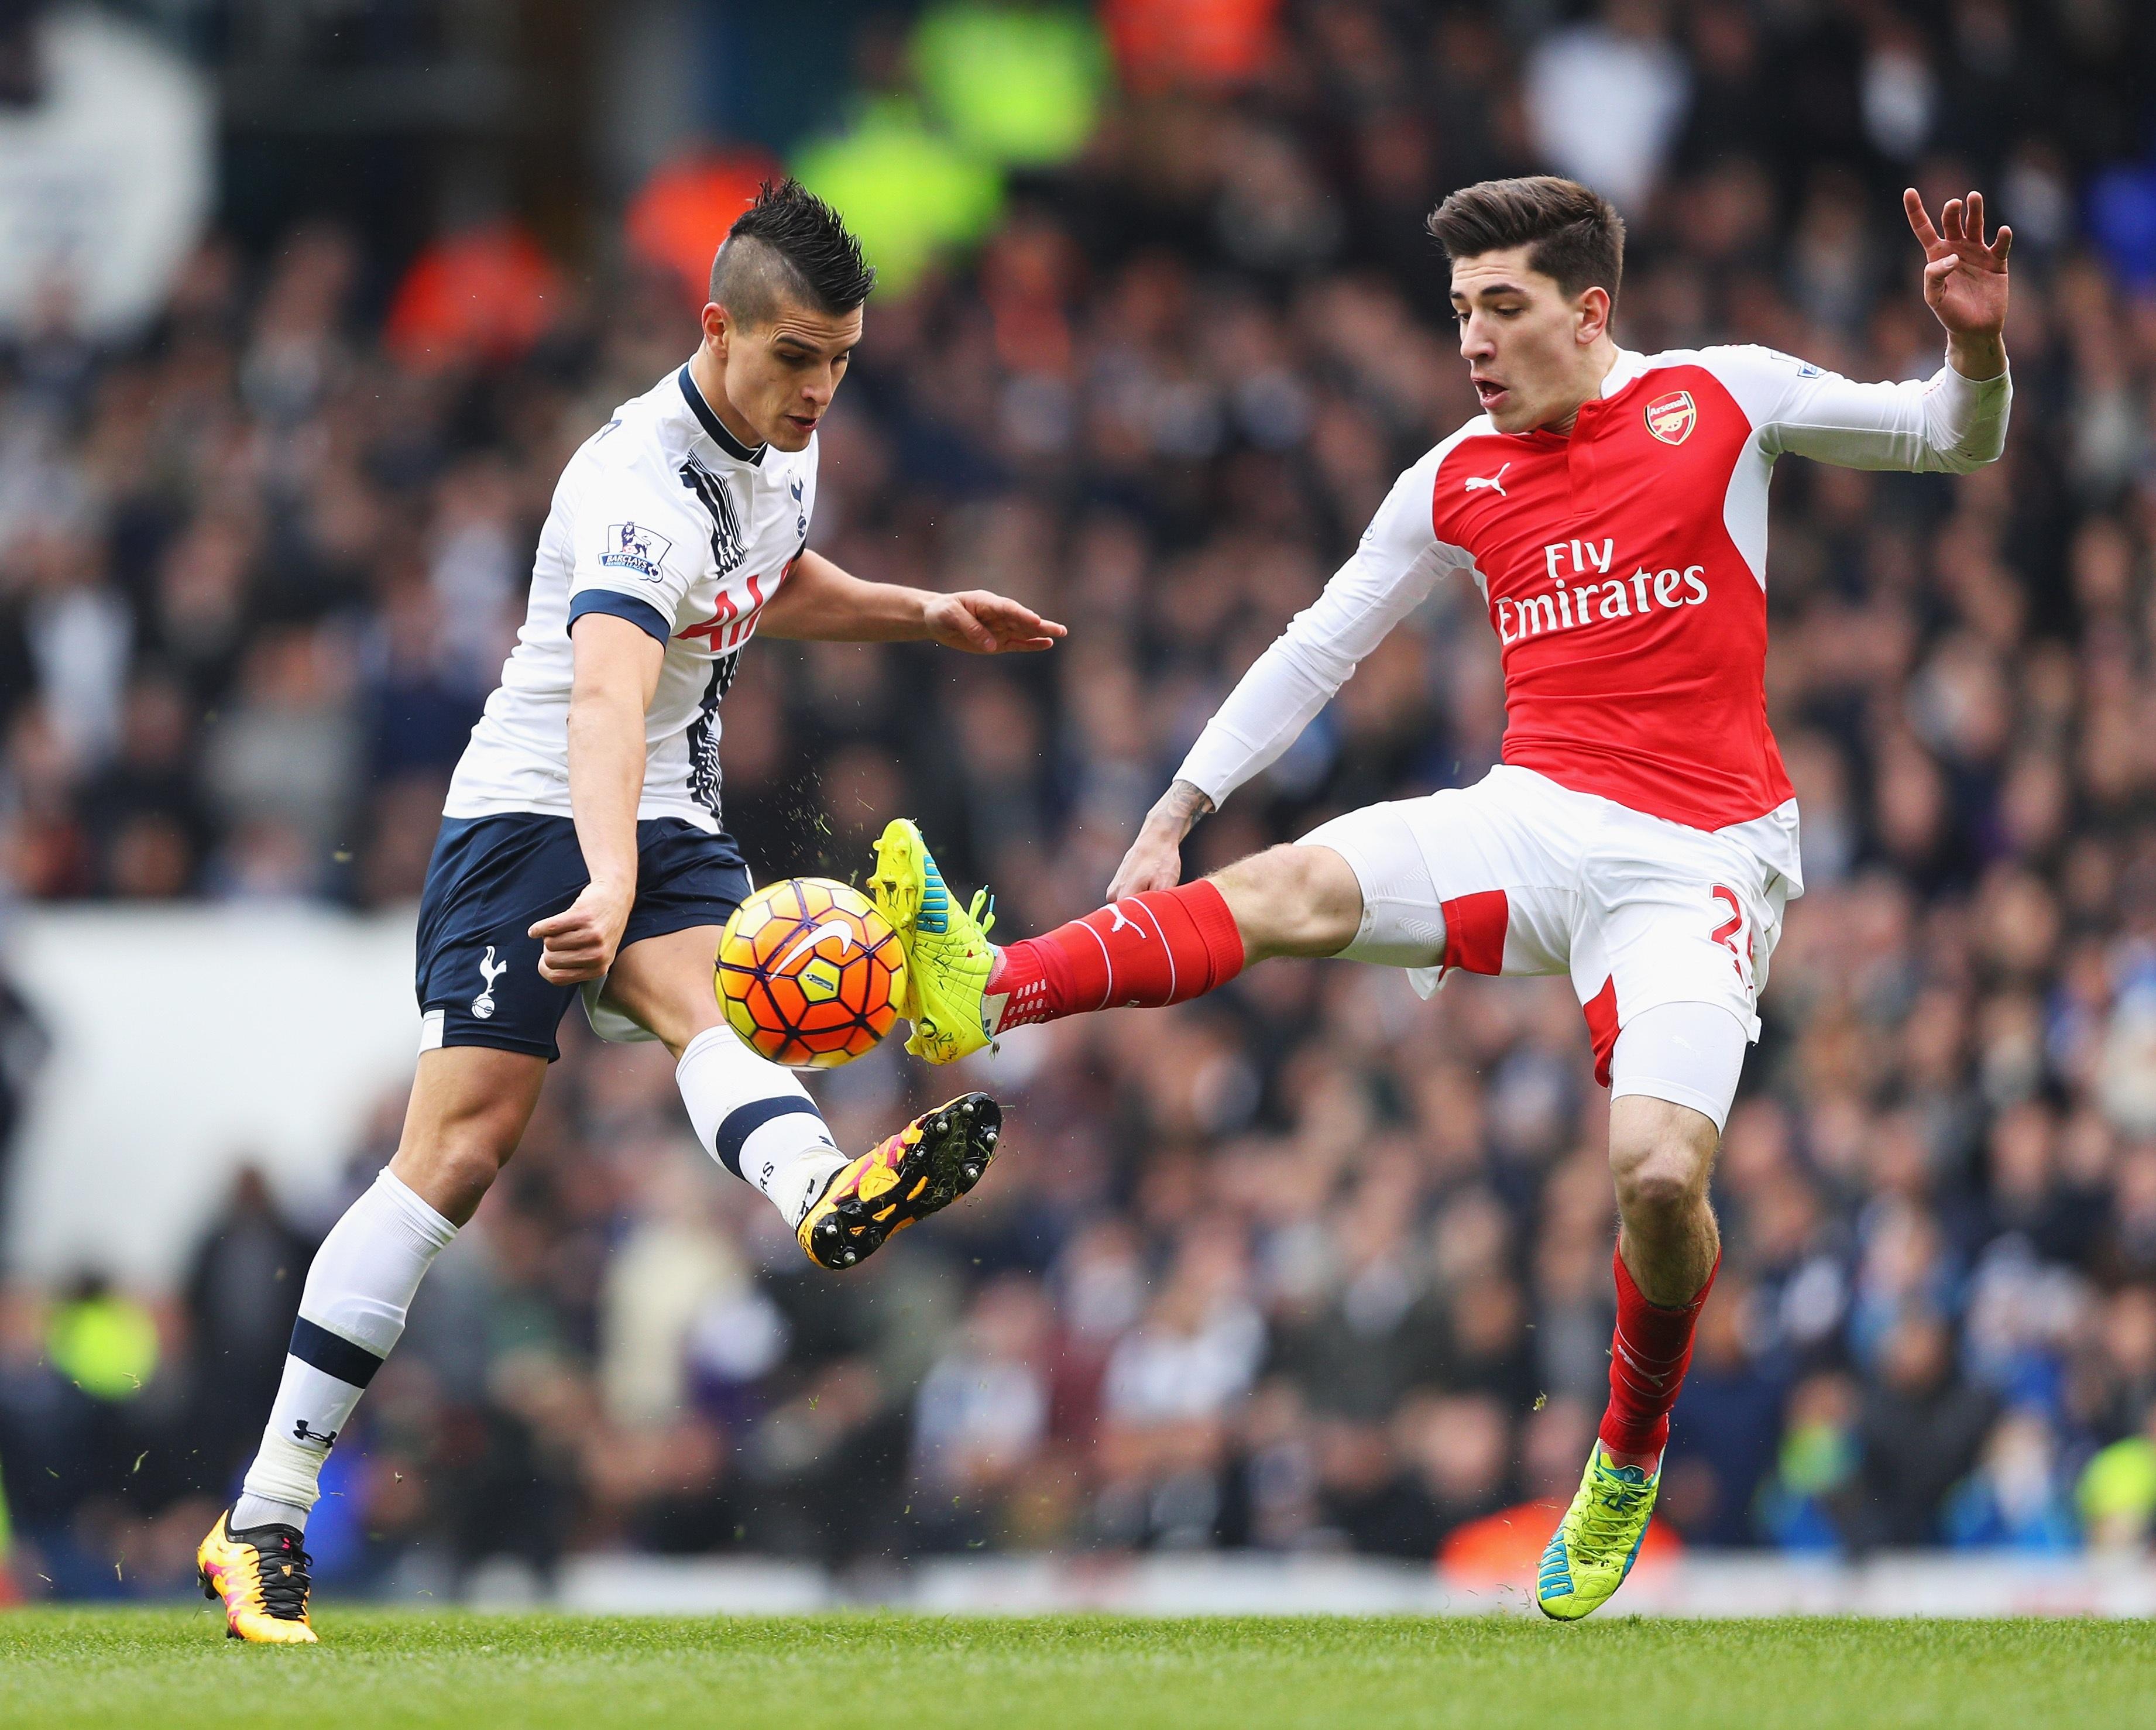 Hậu vệ phải: Bellerin cũng chắc suất bên hàng lang cánh phải hàng thủ Arsenal nhờ khả năng năng công thủ toàn diện